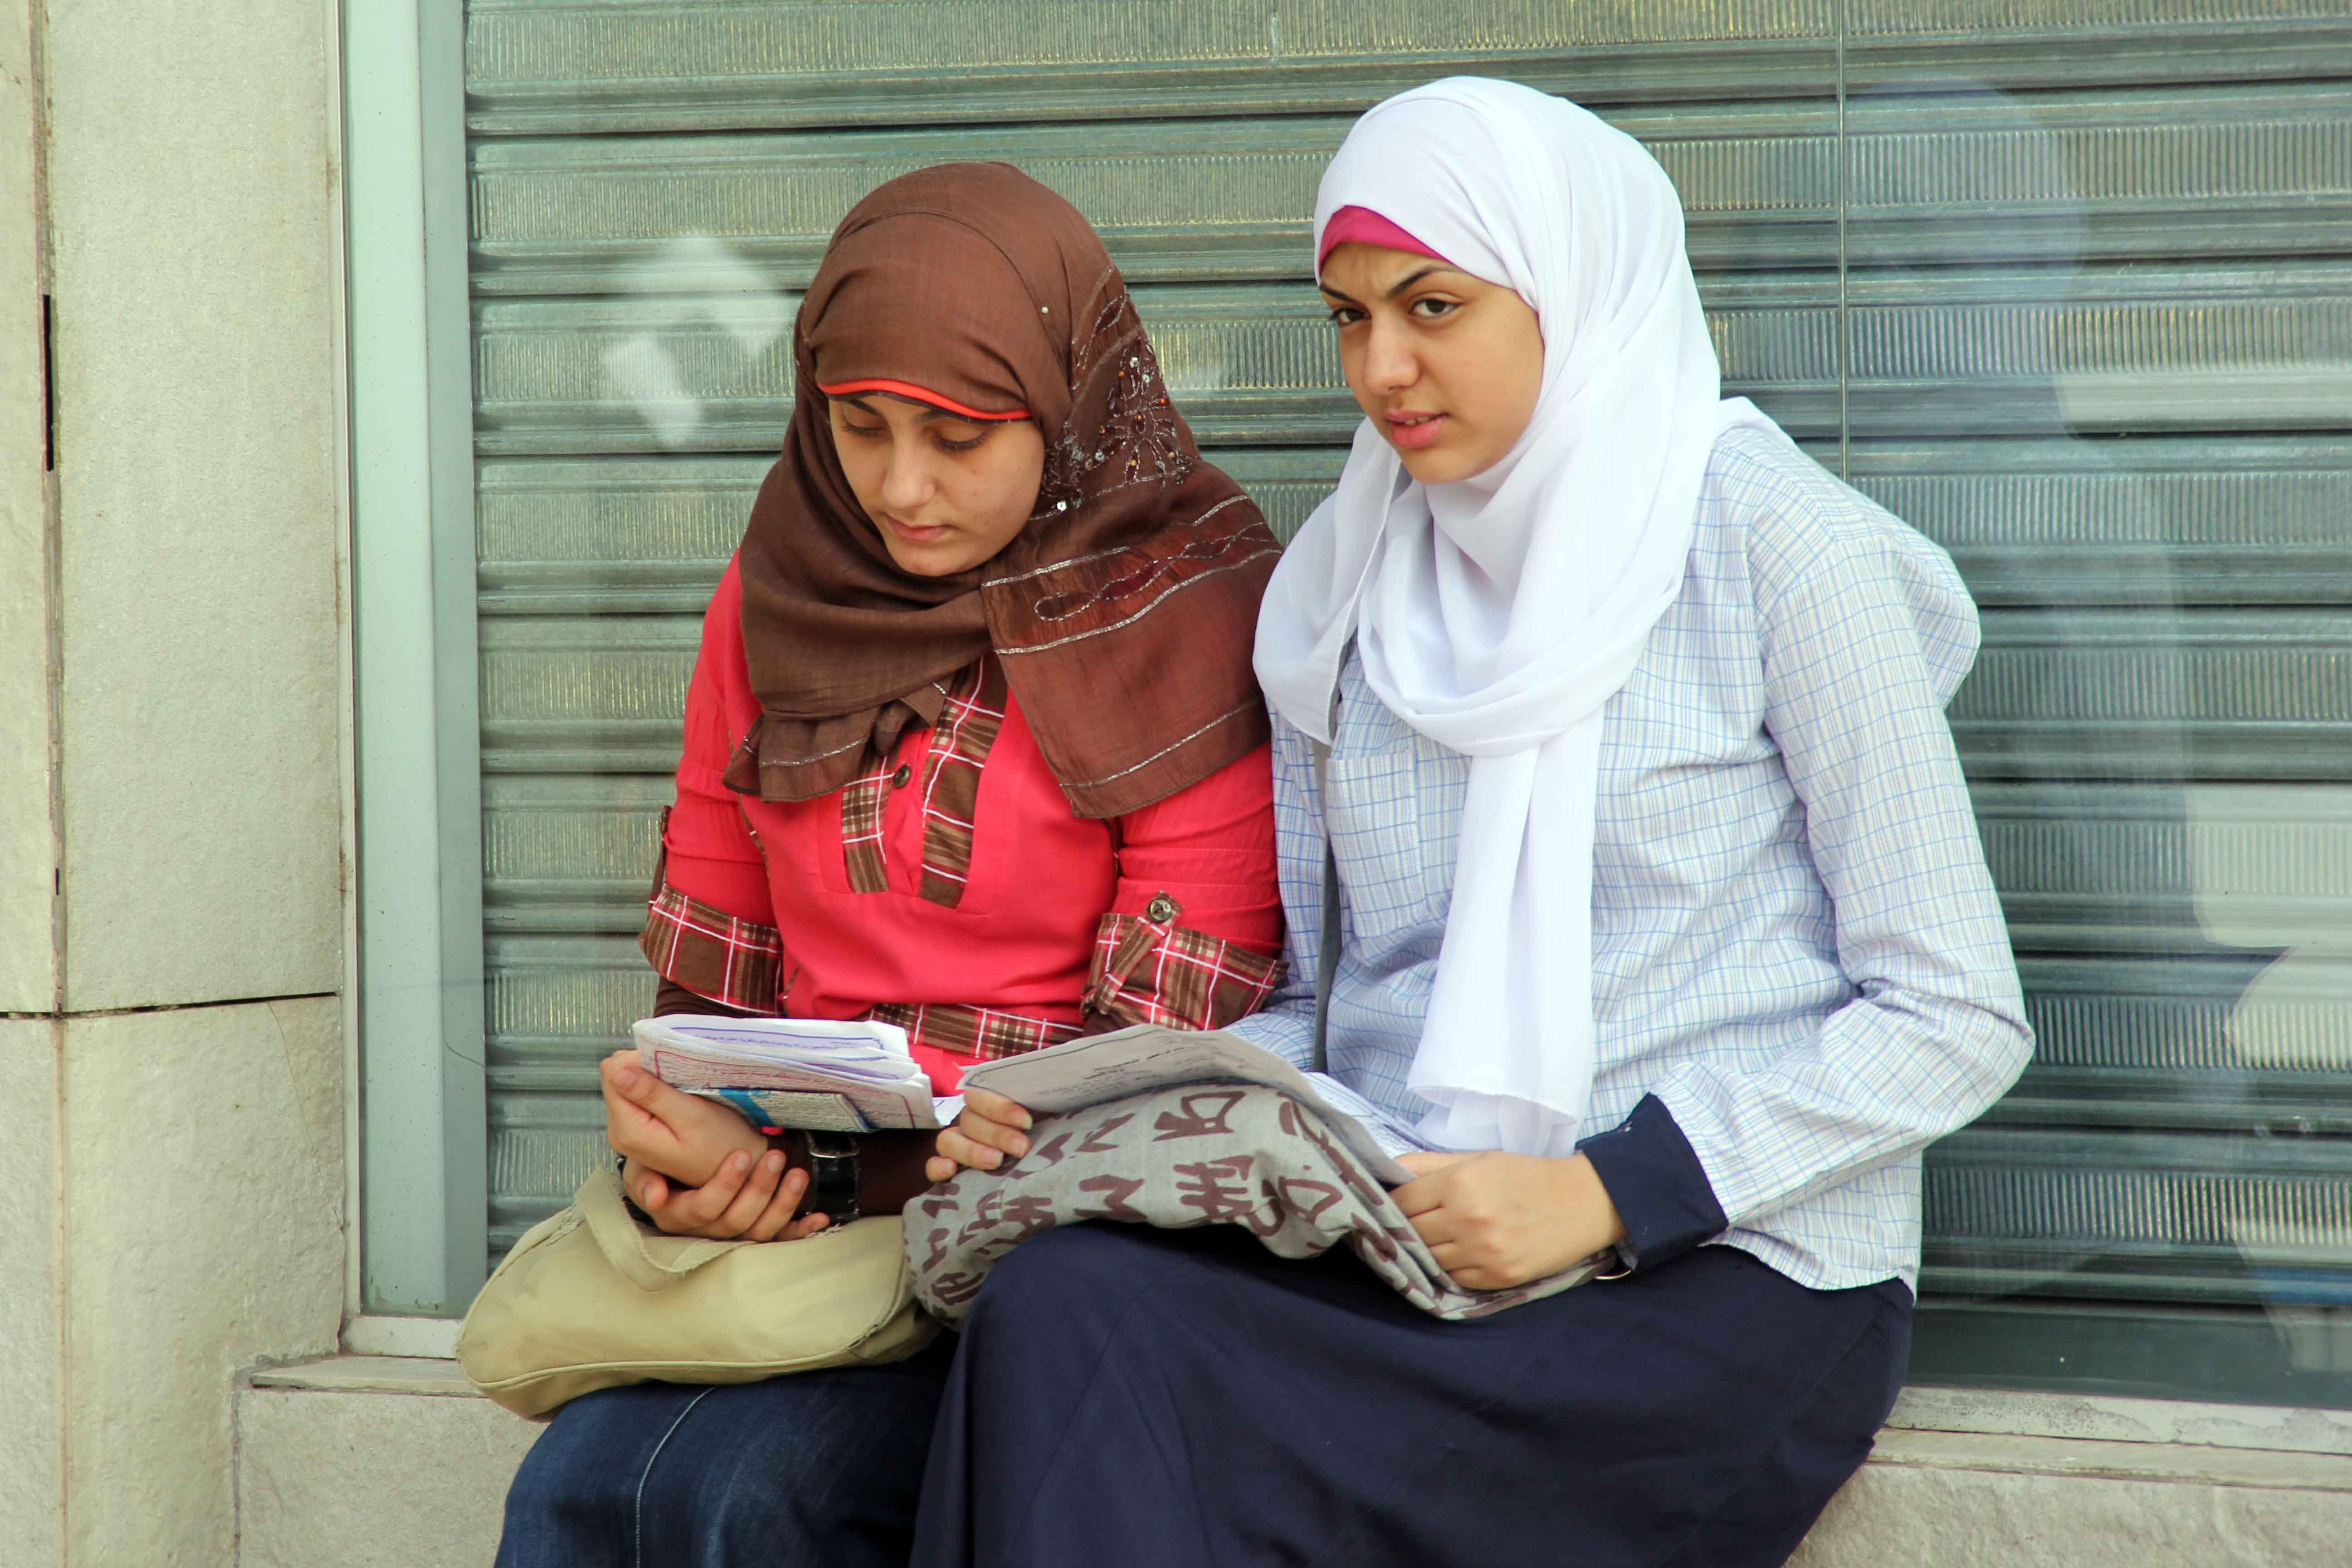 بدء امتحانات الثانويه العامه 8-6-2013 تصوير حسن محمد (12)